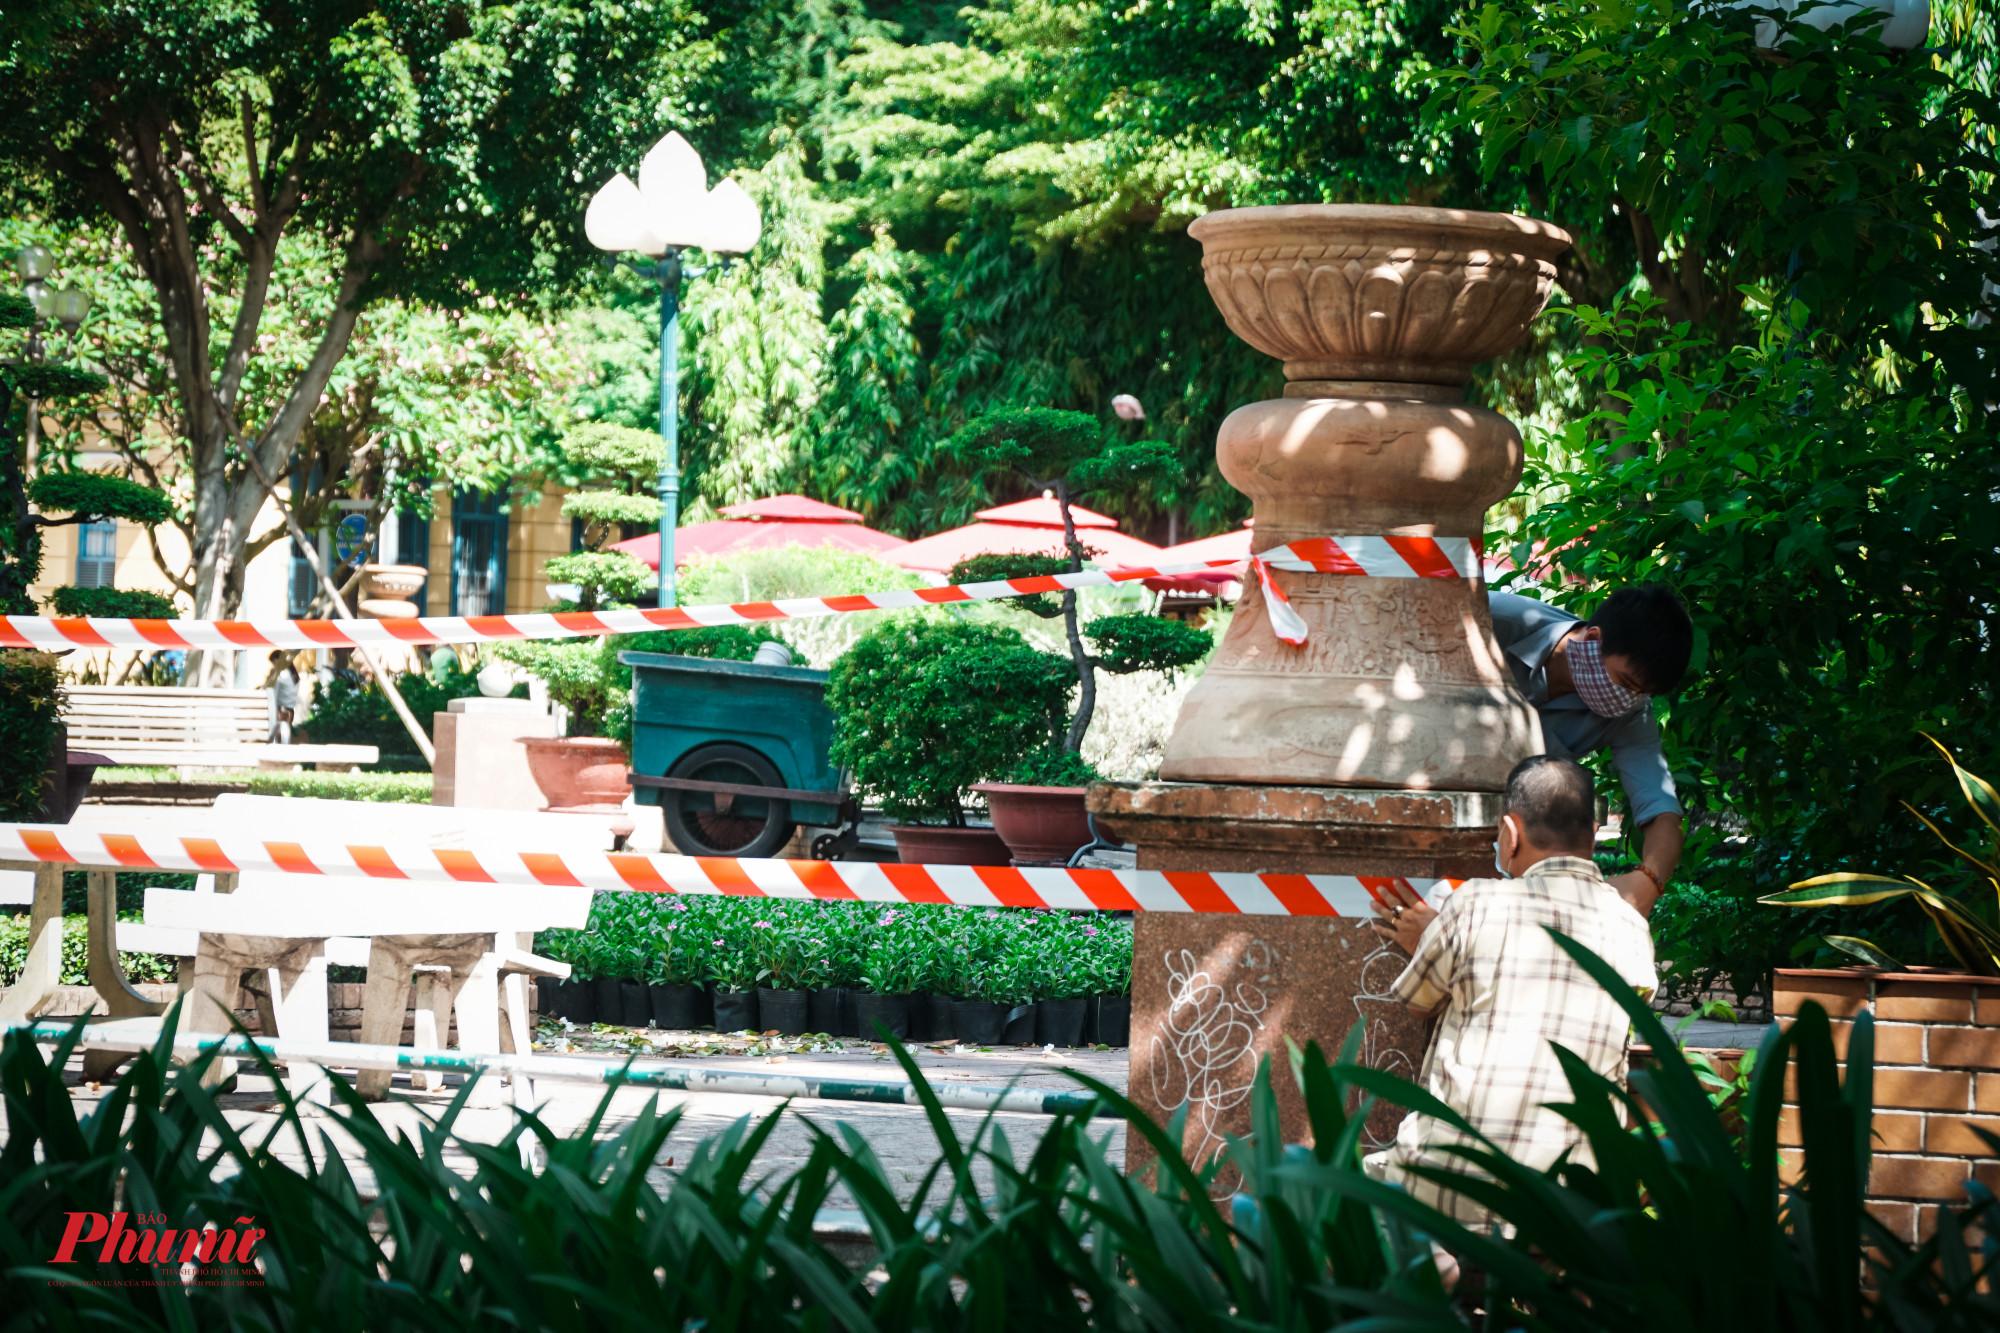 Sáng 28/5, lực lượng chắc năng tiến hành rào chắn công viên Bách Tùng Diệp (Quận 1), trong khi đó, nhiều vẫn còn sinh hoạt tại chung cư